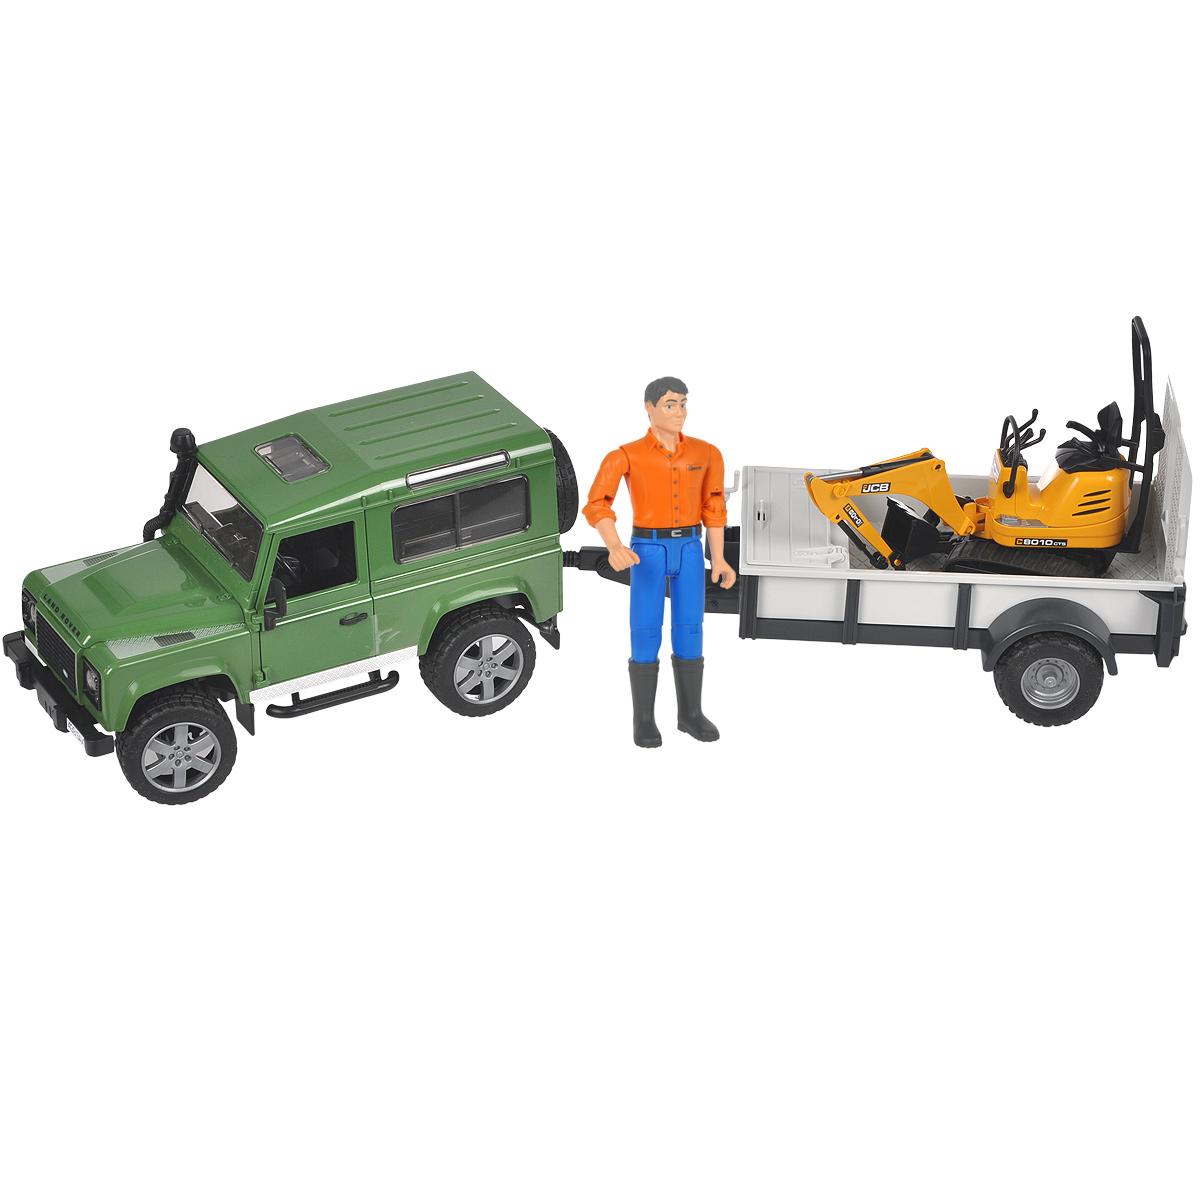 Bruder Внедорожник Land Rover Defender c прицепом и мини-экскаватором02-593Внедорожник Bruder Land Rover Defender, выполненный из прочного безопасного материала, отлично подойдет ребенку для различных игр. Машина является уменьшенной копией внедорожника фирмы Land Rover Defender. В комплект также входят прицеп-платформа, мини-экскаватор JCB. 8010 CTS и фигурка рабочего. Внедорожник отличается высокой детализацией. С левой стороны проходит выхлопная труба. Капот поднимается и крюком фиксируется в верхнем положении. Передняя и задняя оси оснащены амортизаторами. Задние сиденья снимаются, и внедорожник превращается в удобный автомобиль для перевозки грузов. К задней двери внедорожника прикреплено запасное колесо. Также внедорожник оснащен фаркопом. Дверь водителя, пассажира и задняя двери открываются и снимаются. В салон помещается небольшая фигурка или игрушка. Передние колеса поворачиваются рулем. Кроме этого, в наборе прилагается дополнительный руль (расположен на днище автомобиля), которым через крышу можно управлять колесами внедорожника. ...